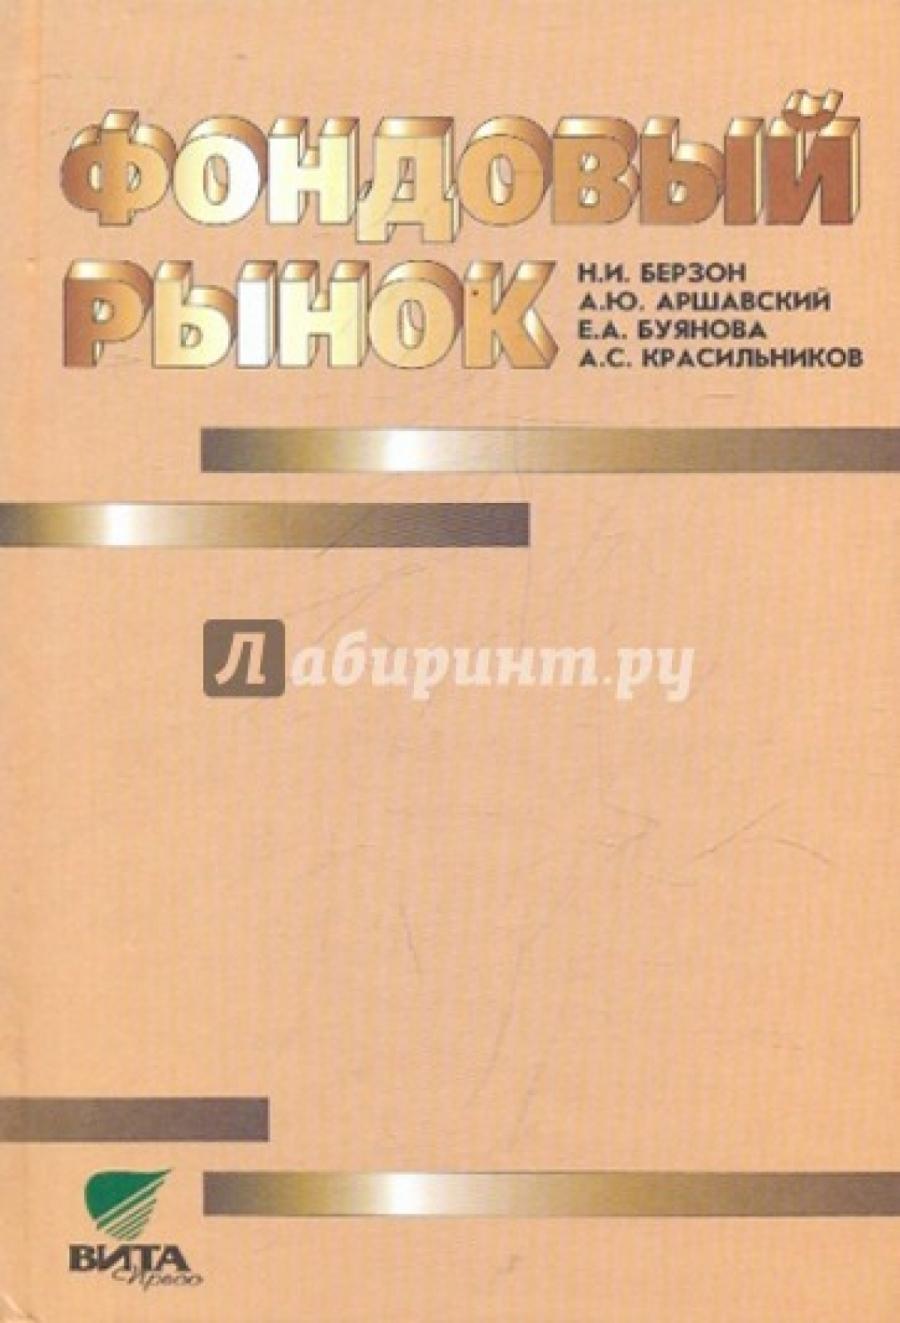 Обложка книги:  берзон н.и., аршавский а.ю. - фондовый рынок